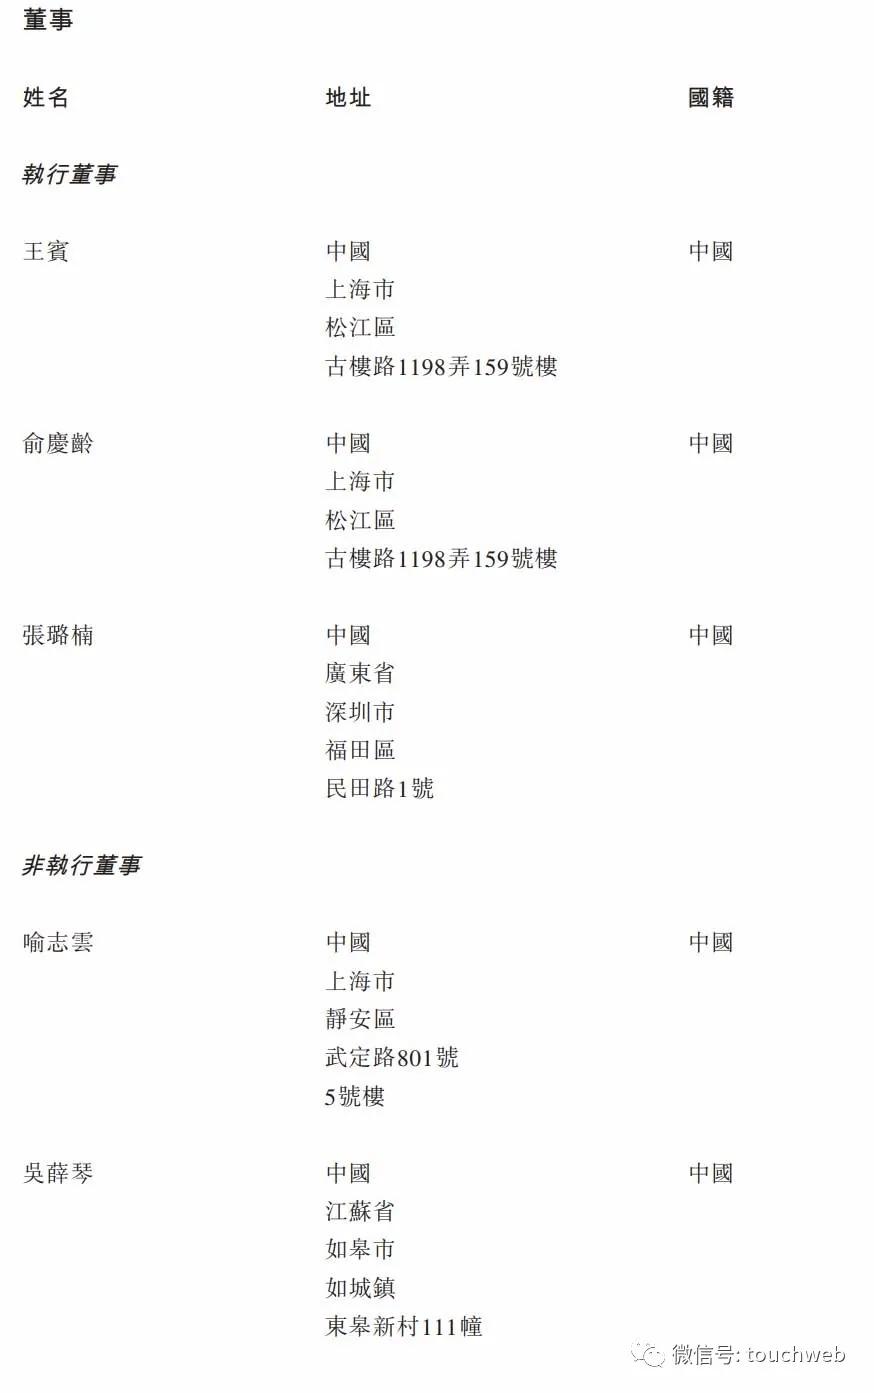 弘毅投资有限公司:艾棣维欣冲刺港交所:年亏8879万